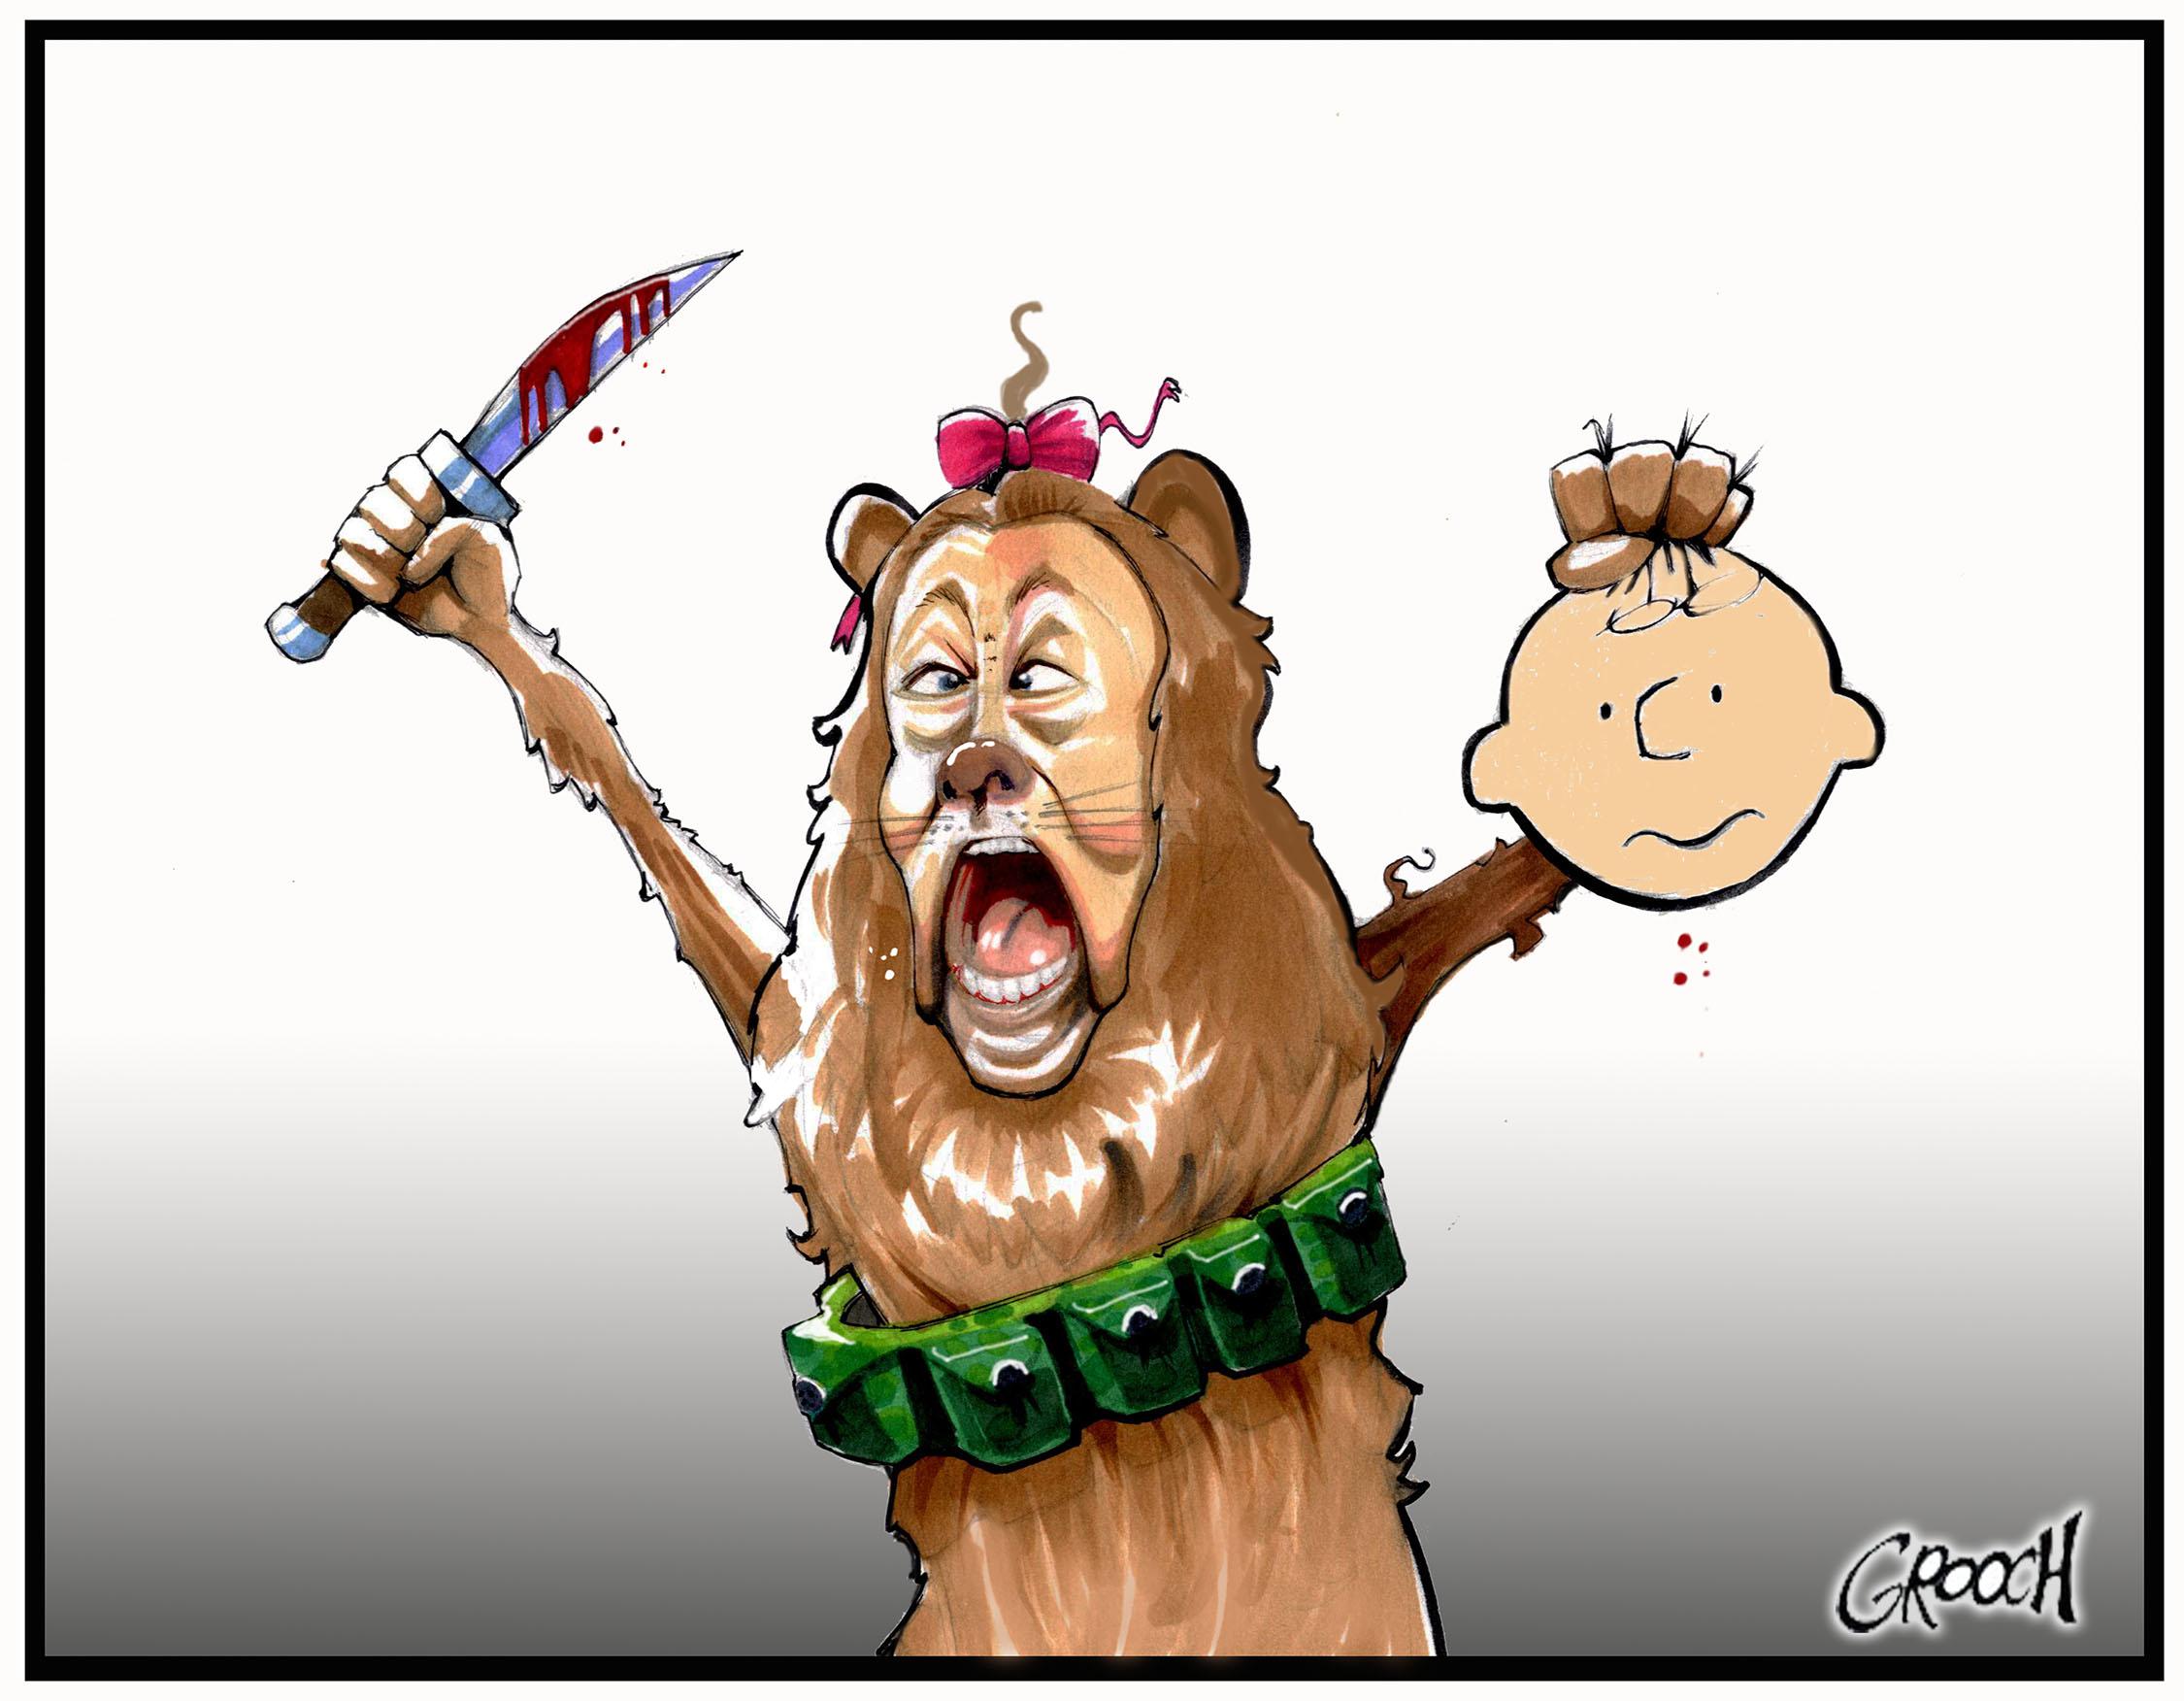 2015-01-08-CharlieHebdo.jpg